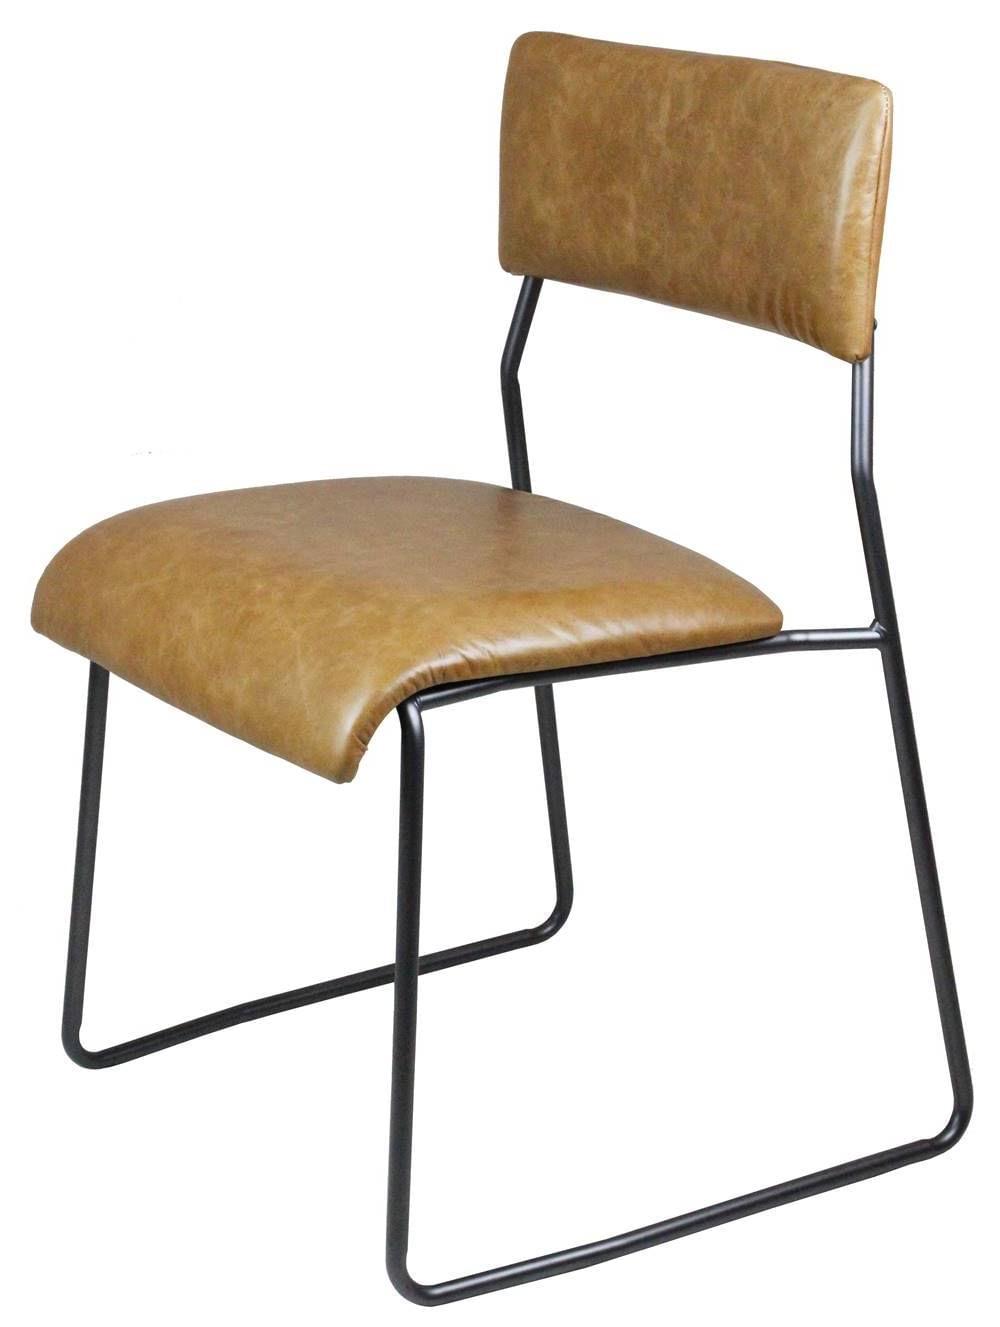 Cadeira Lampa Couro Natural Caramelo com Base Aco Bruto - 43468